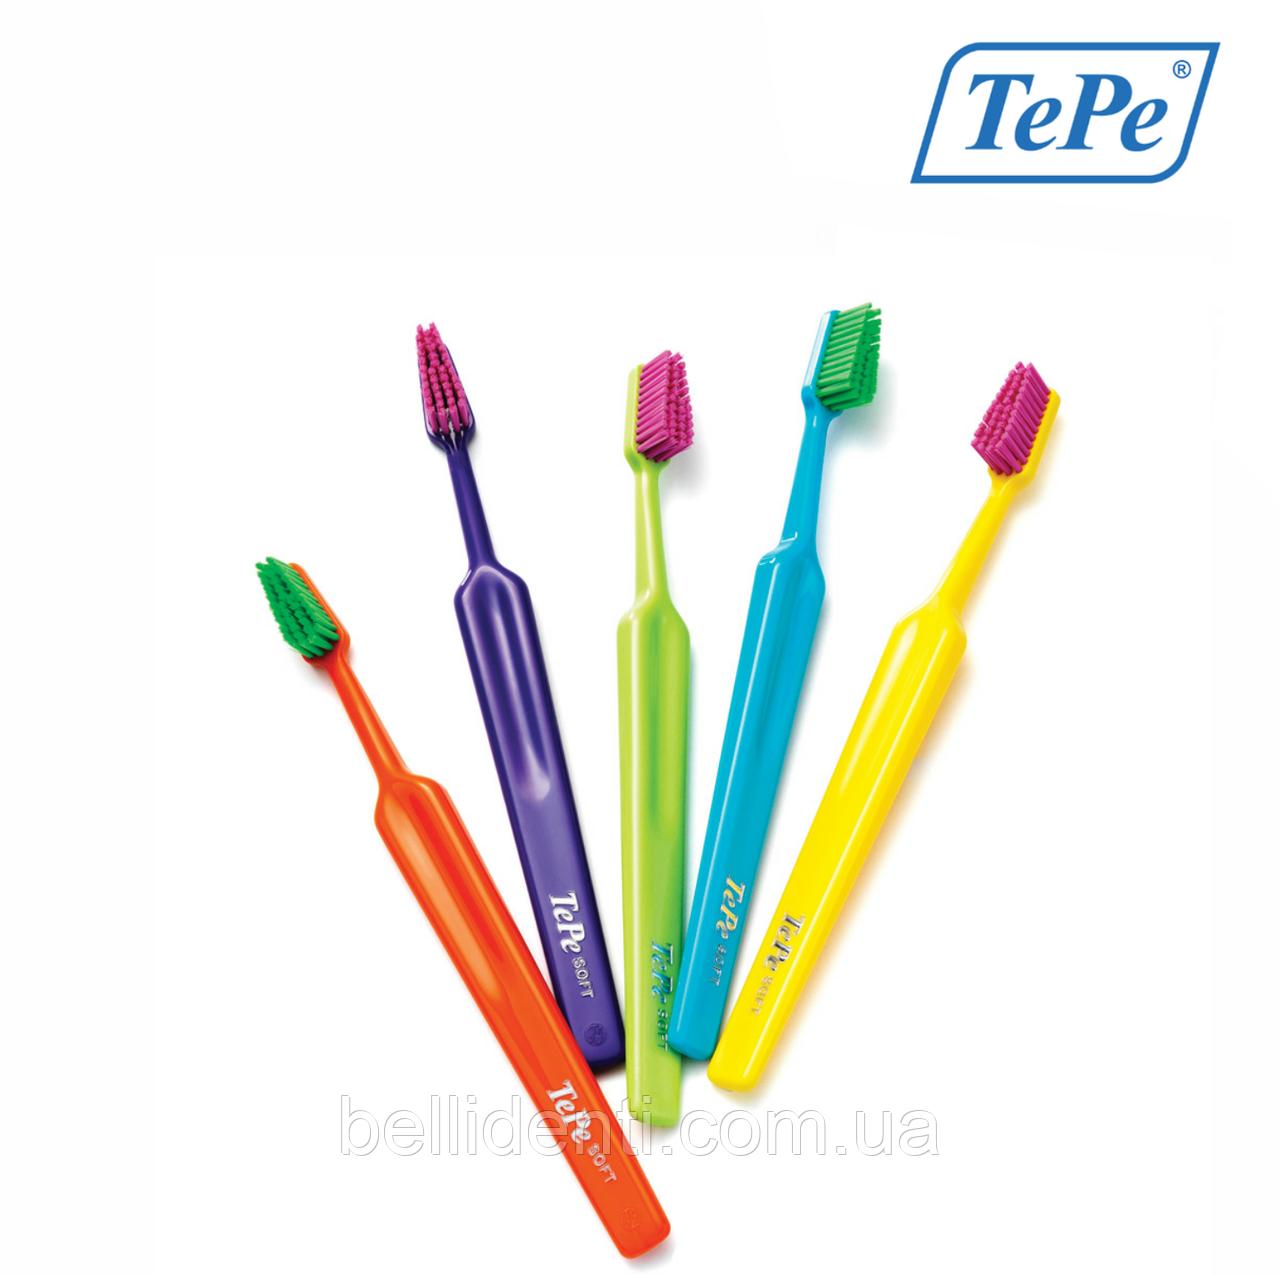 Зубная щетка TePe Select Colour Soft (мягкая)